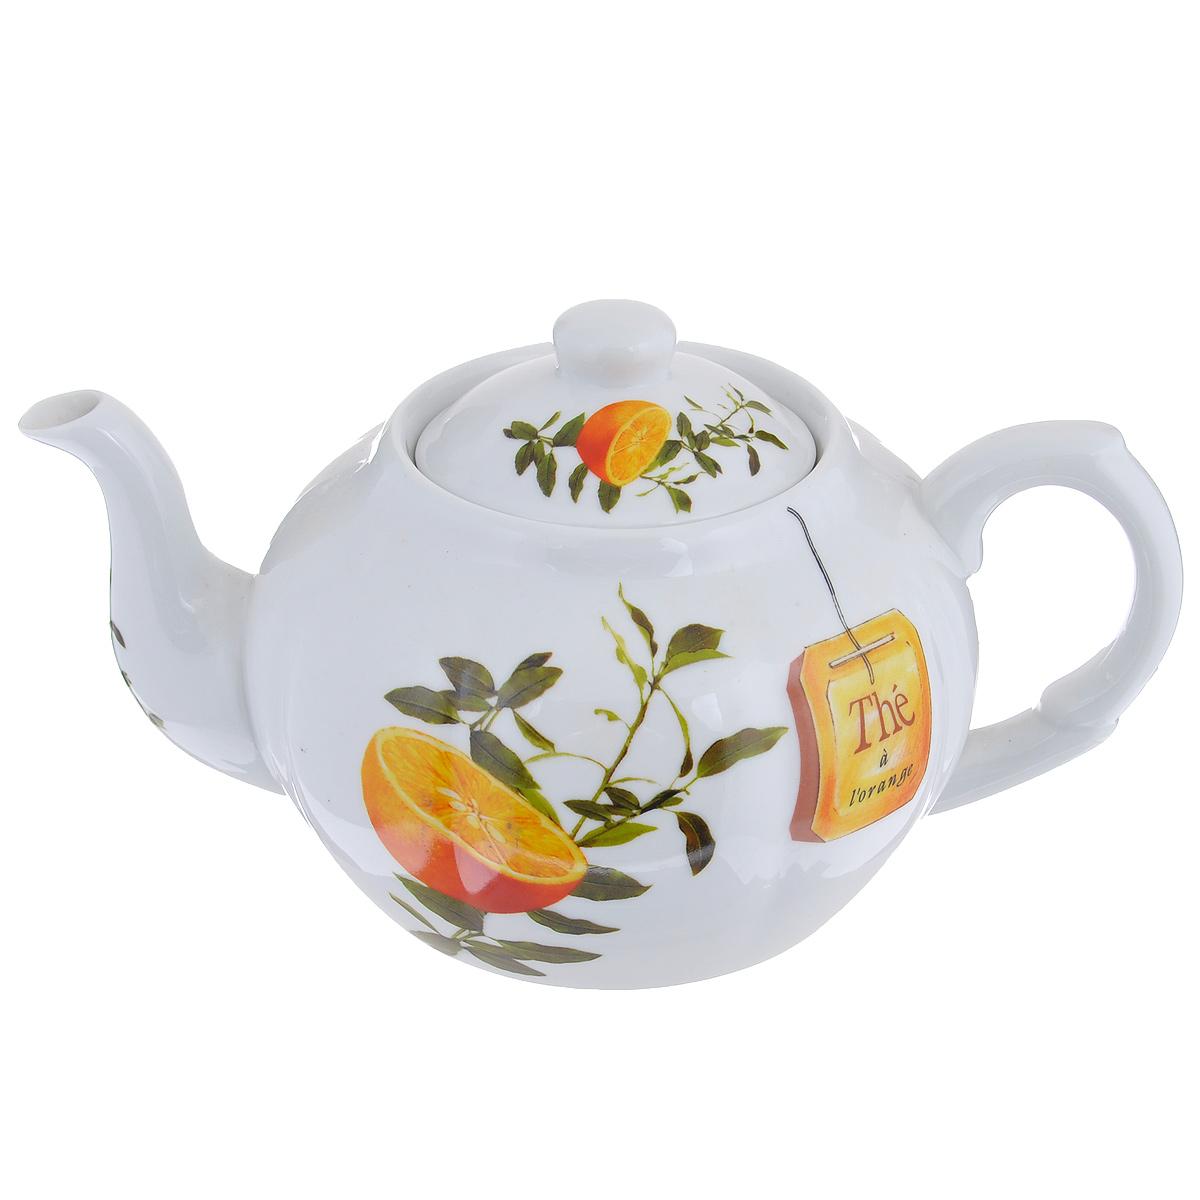 Чайник заварочный Larange Апельсин, 1 л586-242Чайник Larange Апельсин выполнен из высококачественного фарфора. Чайник декорирован изображением апельсинов. Чайник Larange Апельсин предназначен для заваривания чая. Элегантный дизайн и совершенные формы чайника привлекут к себе внимание и украсят интерьер вашей кухни. Чайник Larange Апельсин будет не только прекрасным украшением вашего стола, но и отличным подарком к любому празднику. Не использовать в микроволновой печи. Не применять абразивные чистящие вещества. Диаметр чайника по верхнему краю: 8,5 см. Высота чайника: 9,5 см. Диаметр дна чайника: 9 см. Длина чайника (с учетом ручки и носика): 23 см.